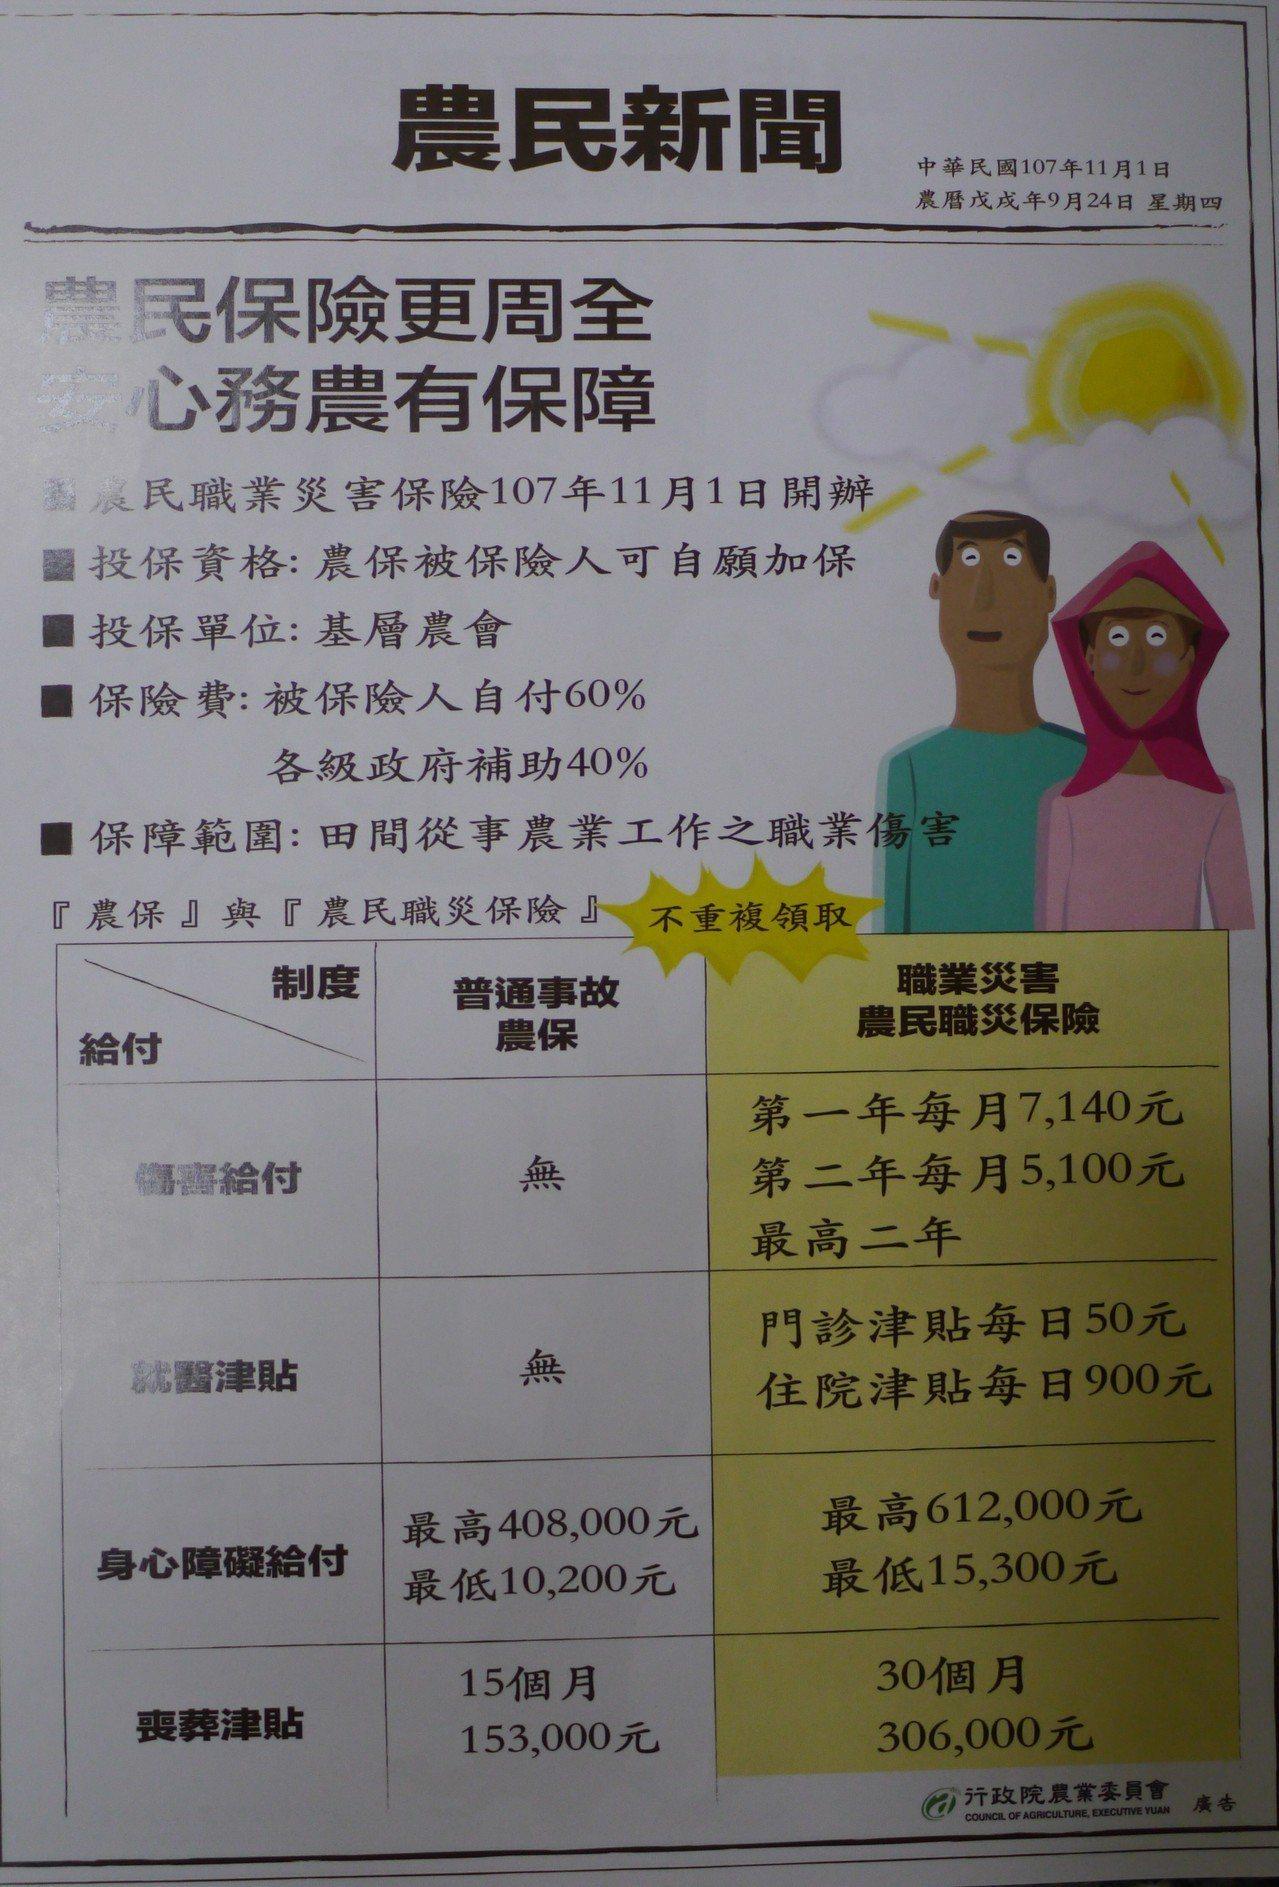 農委會印製宣傳單,解釋現行農保與新上路的職災保險有何不同。記者徐白櫻/翻攝